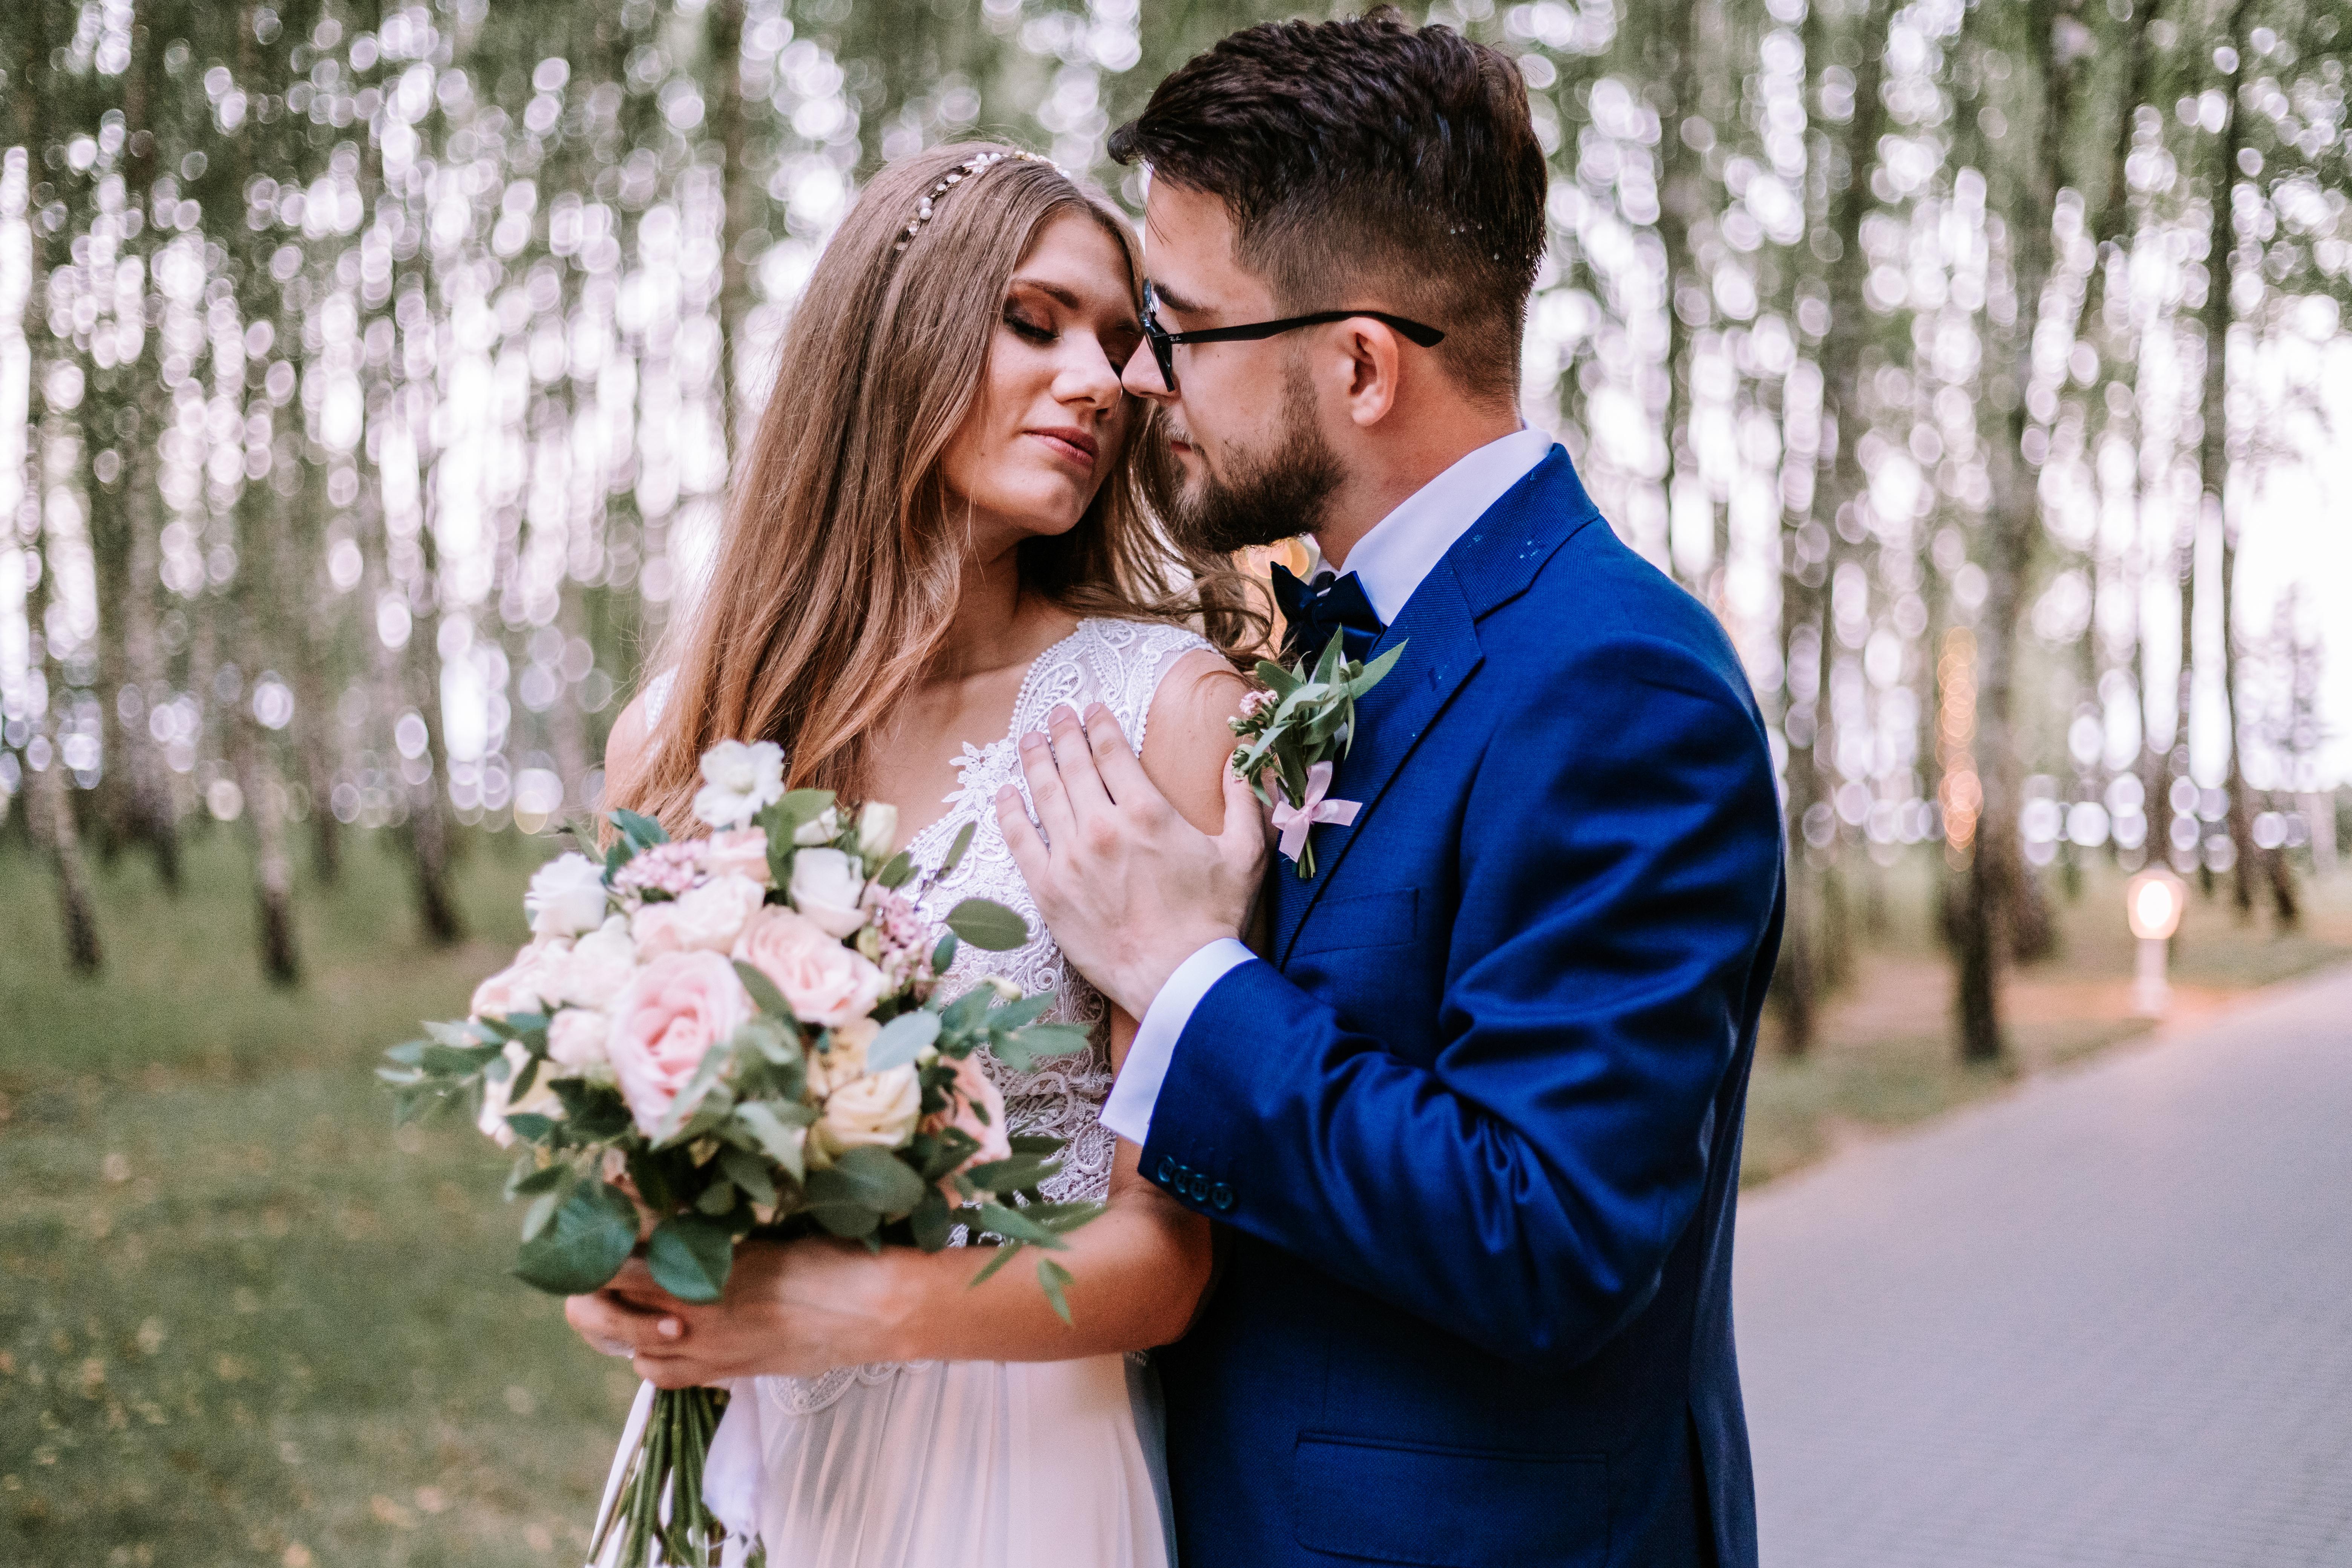 Ślub-plenerowy-dwór-złotopolska-dolina-olala-fotografia-warszawa-grodzisk-mazowiecki-fotograf-ślubny